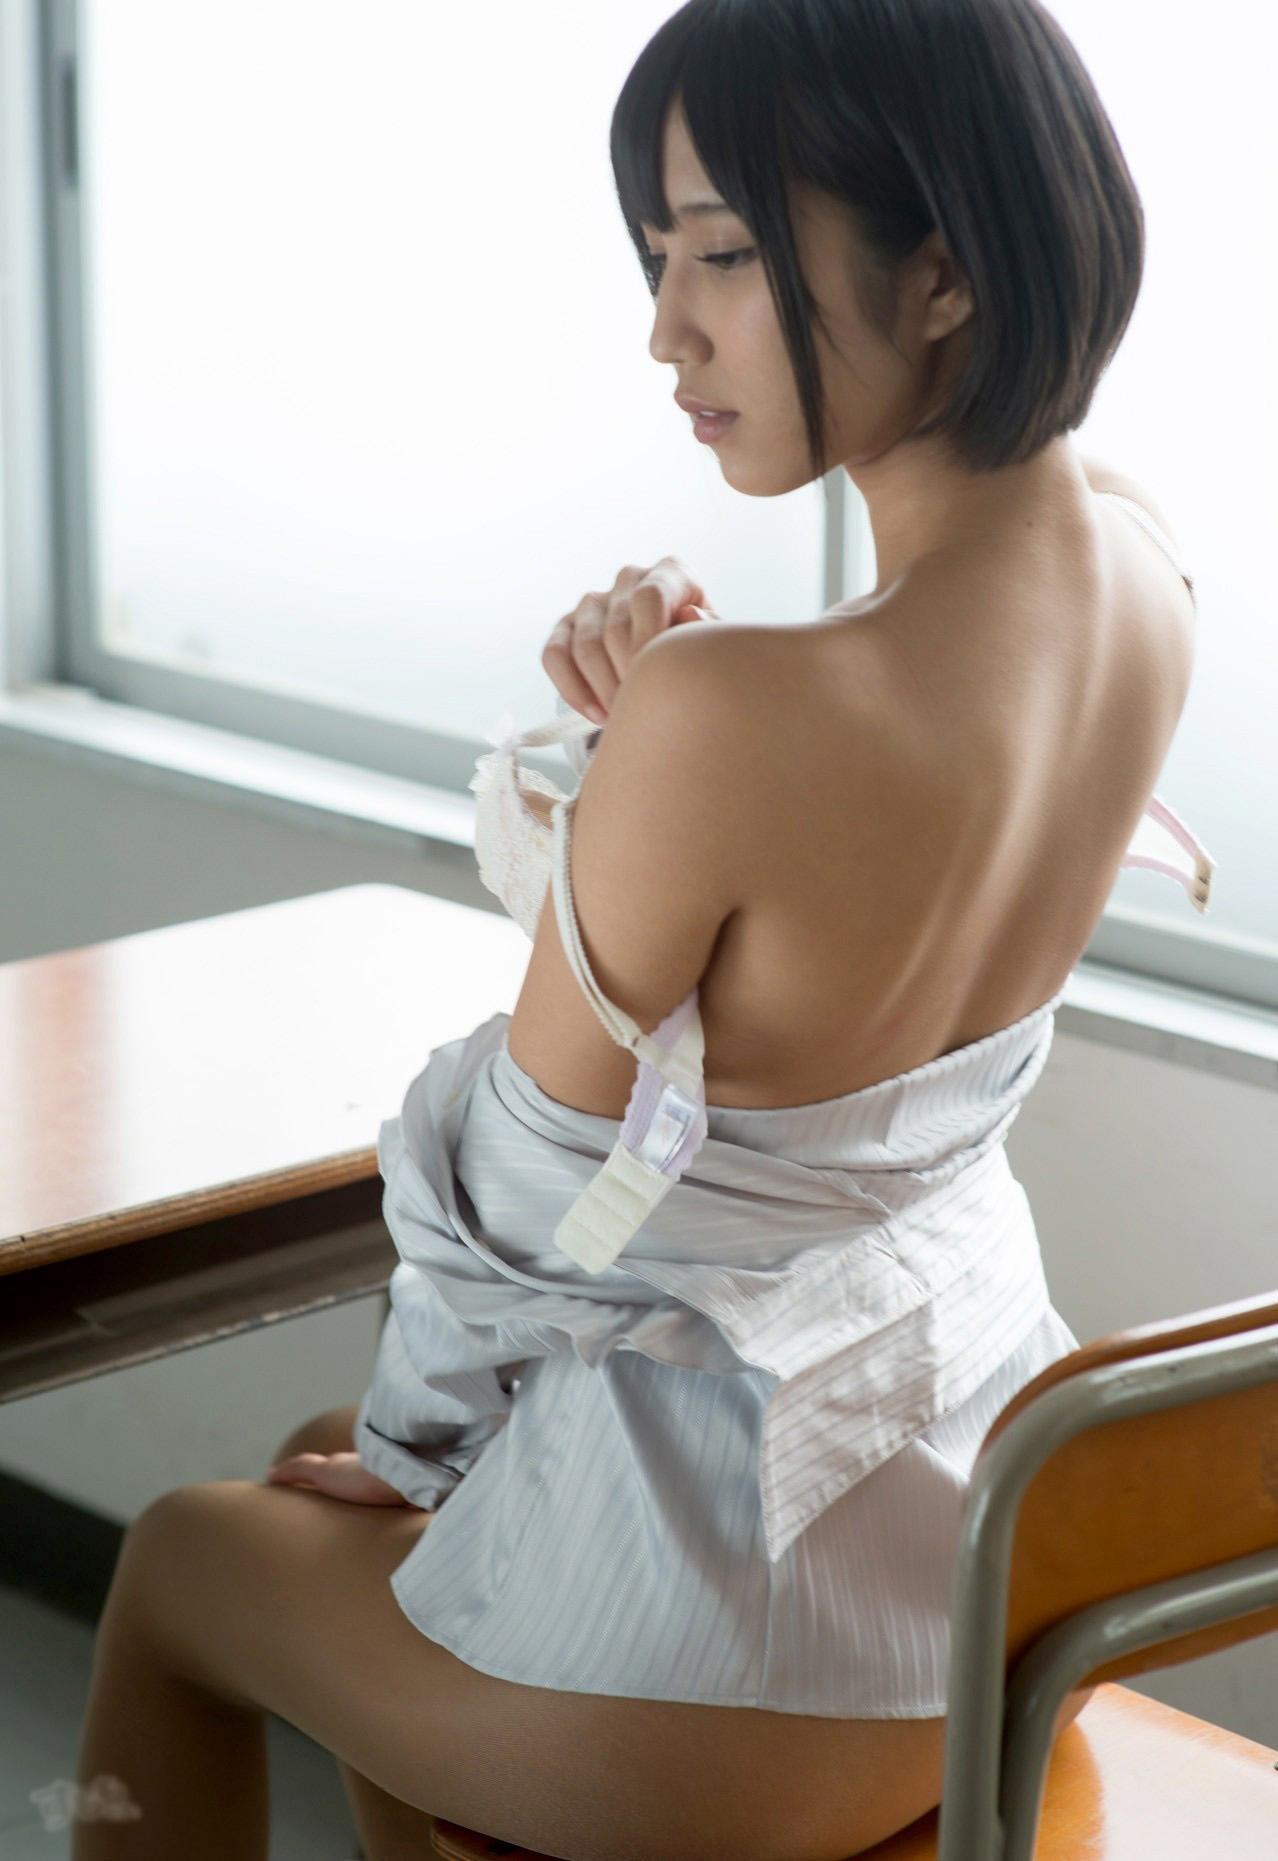 【脱衣エロ画像】ホックは慎重に外しましょうw全部見えるまで焦らない脱ぎ乳www 13